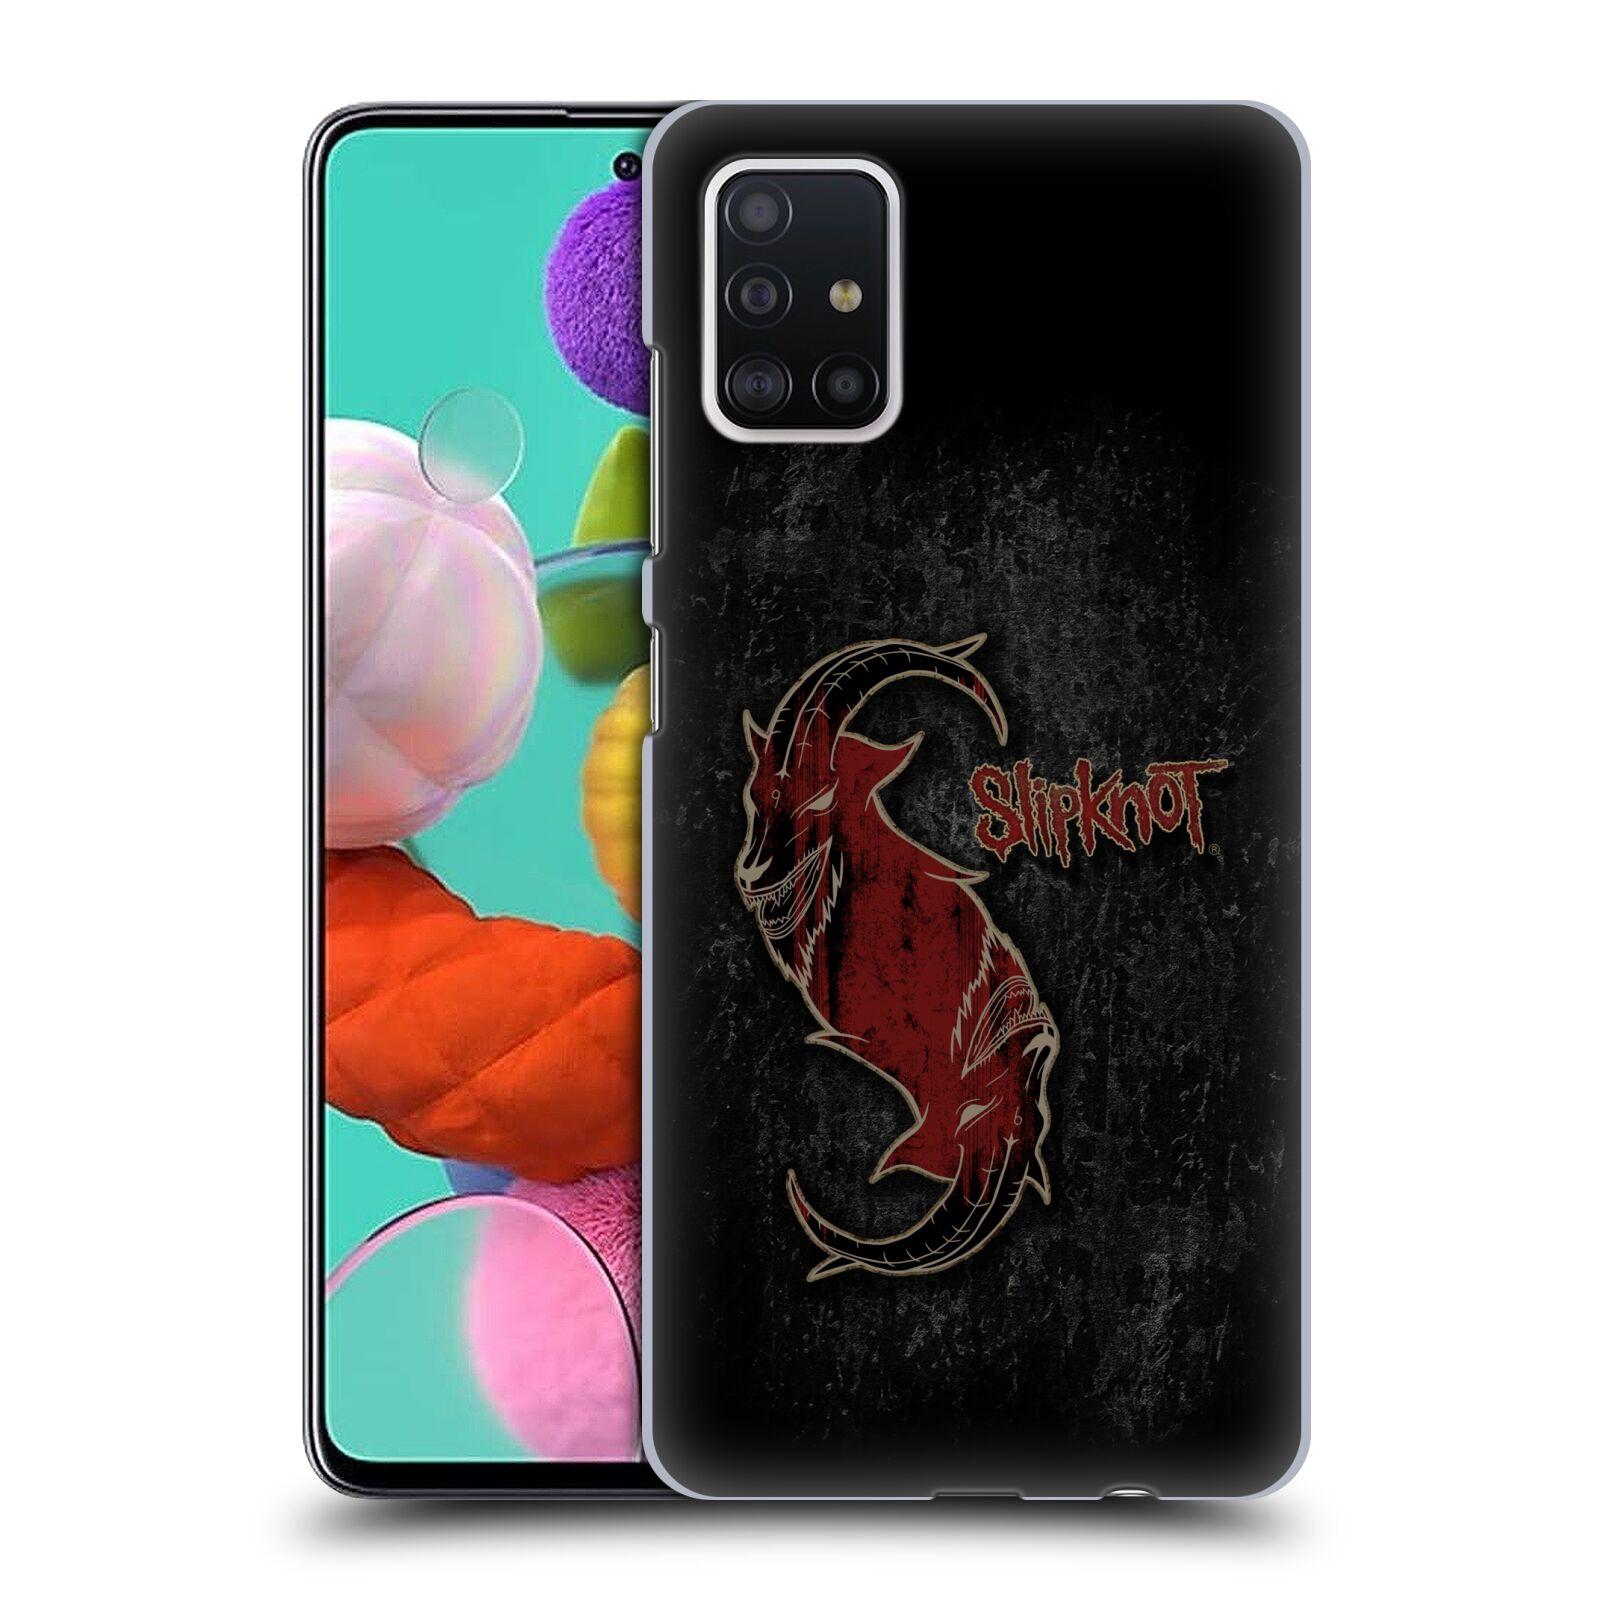 Plastové pouzdro na mobil Samsung Galaxy A51 - Head Case - Slipknot - Rudý kozel